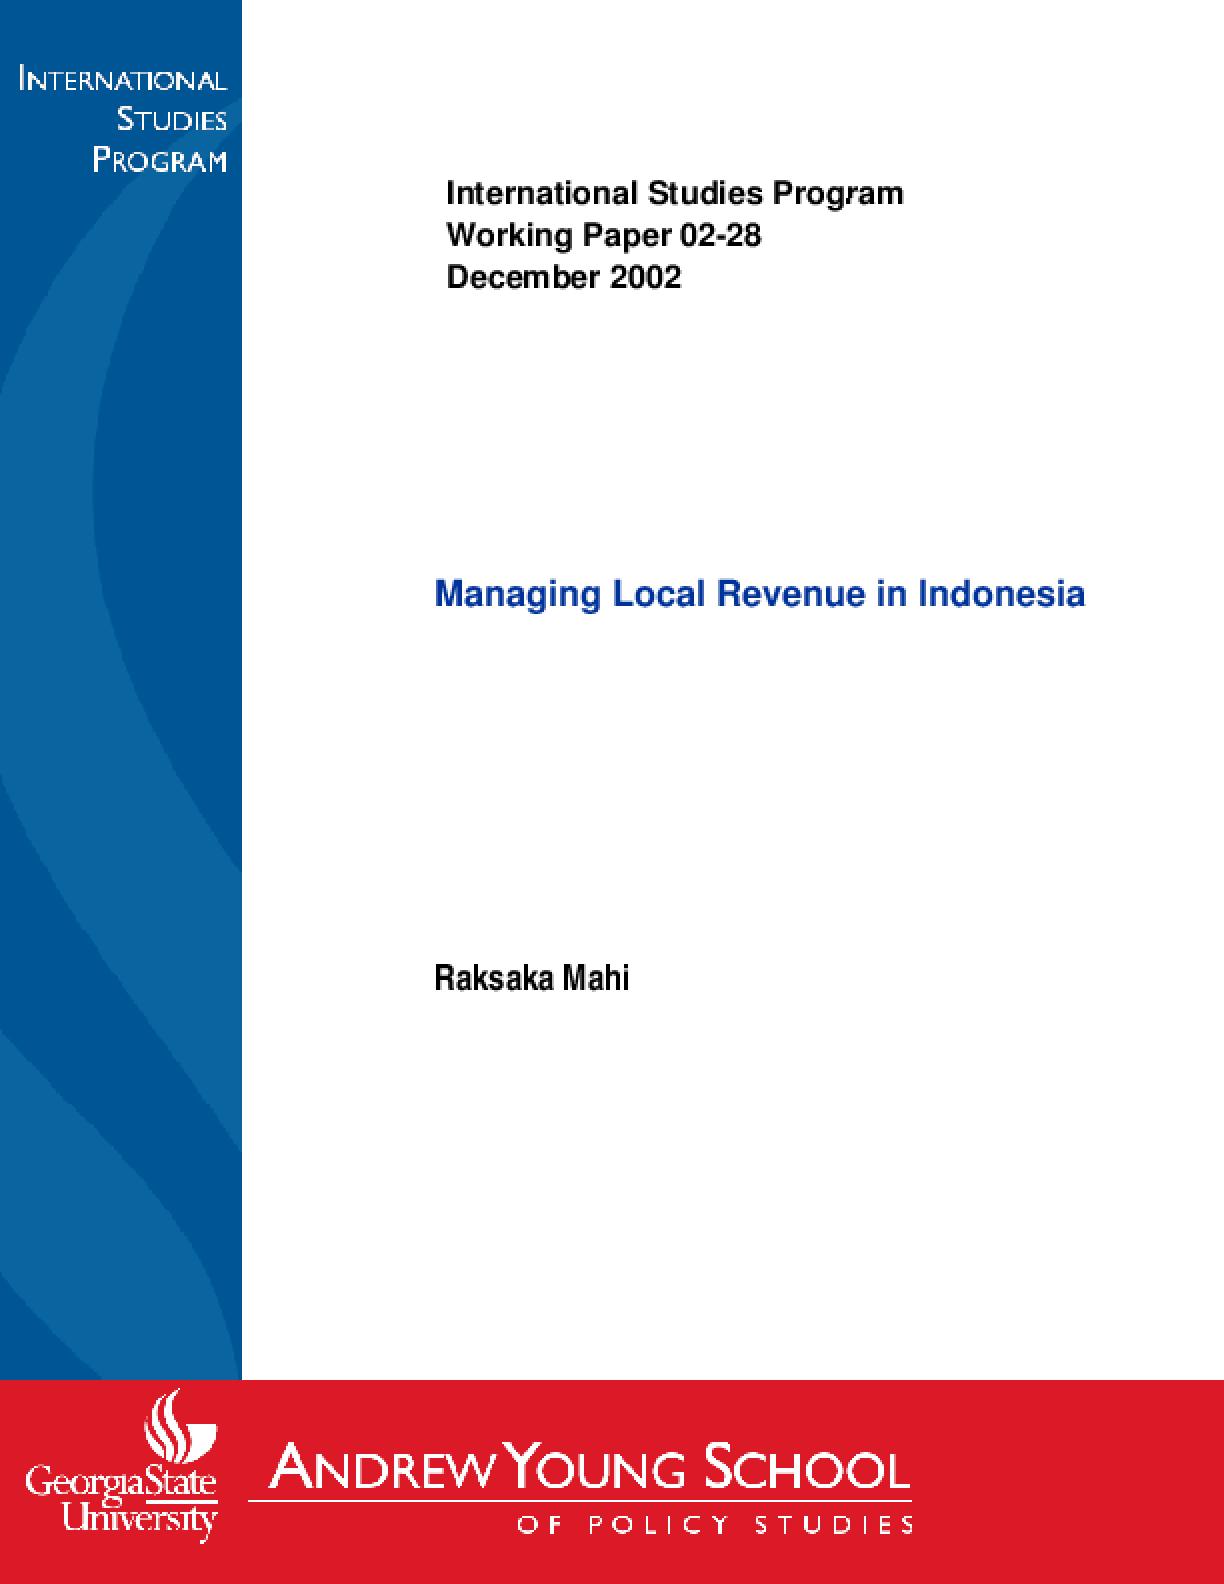 Managing Local Revenue in Indonesia